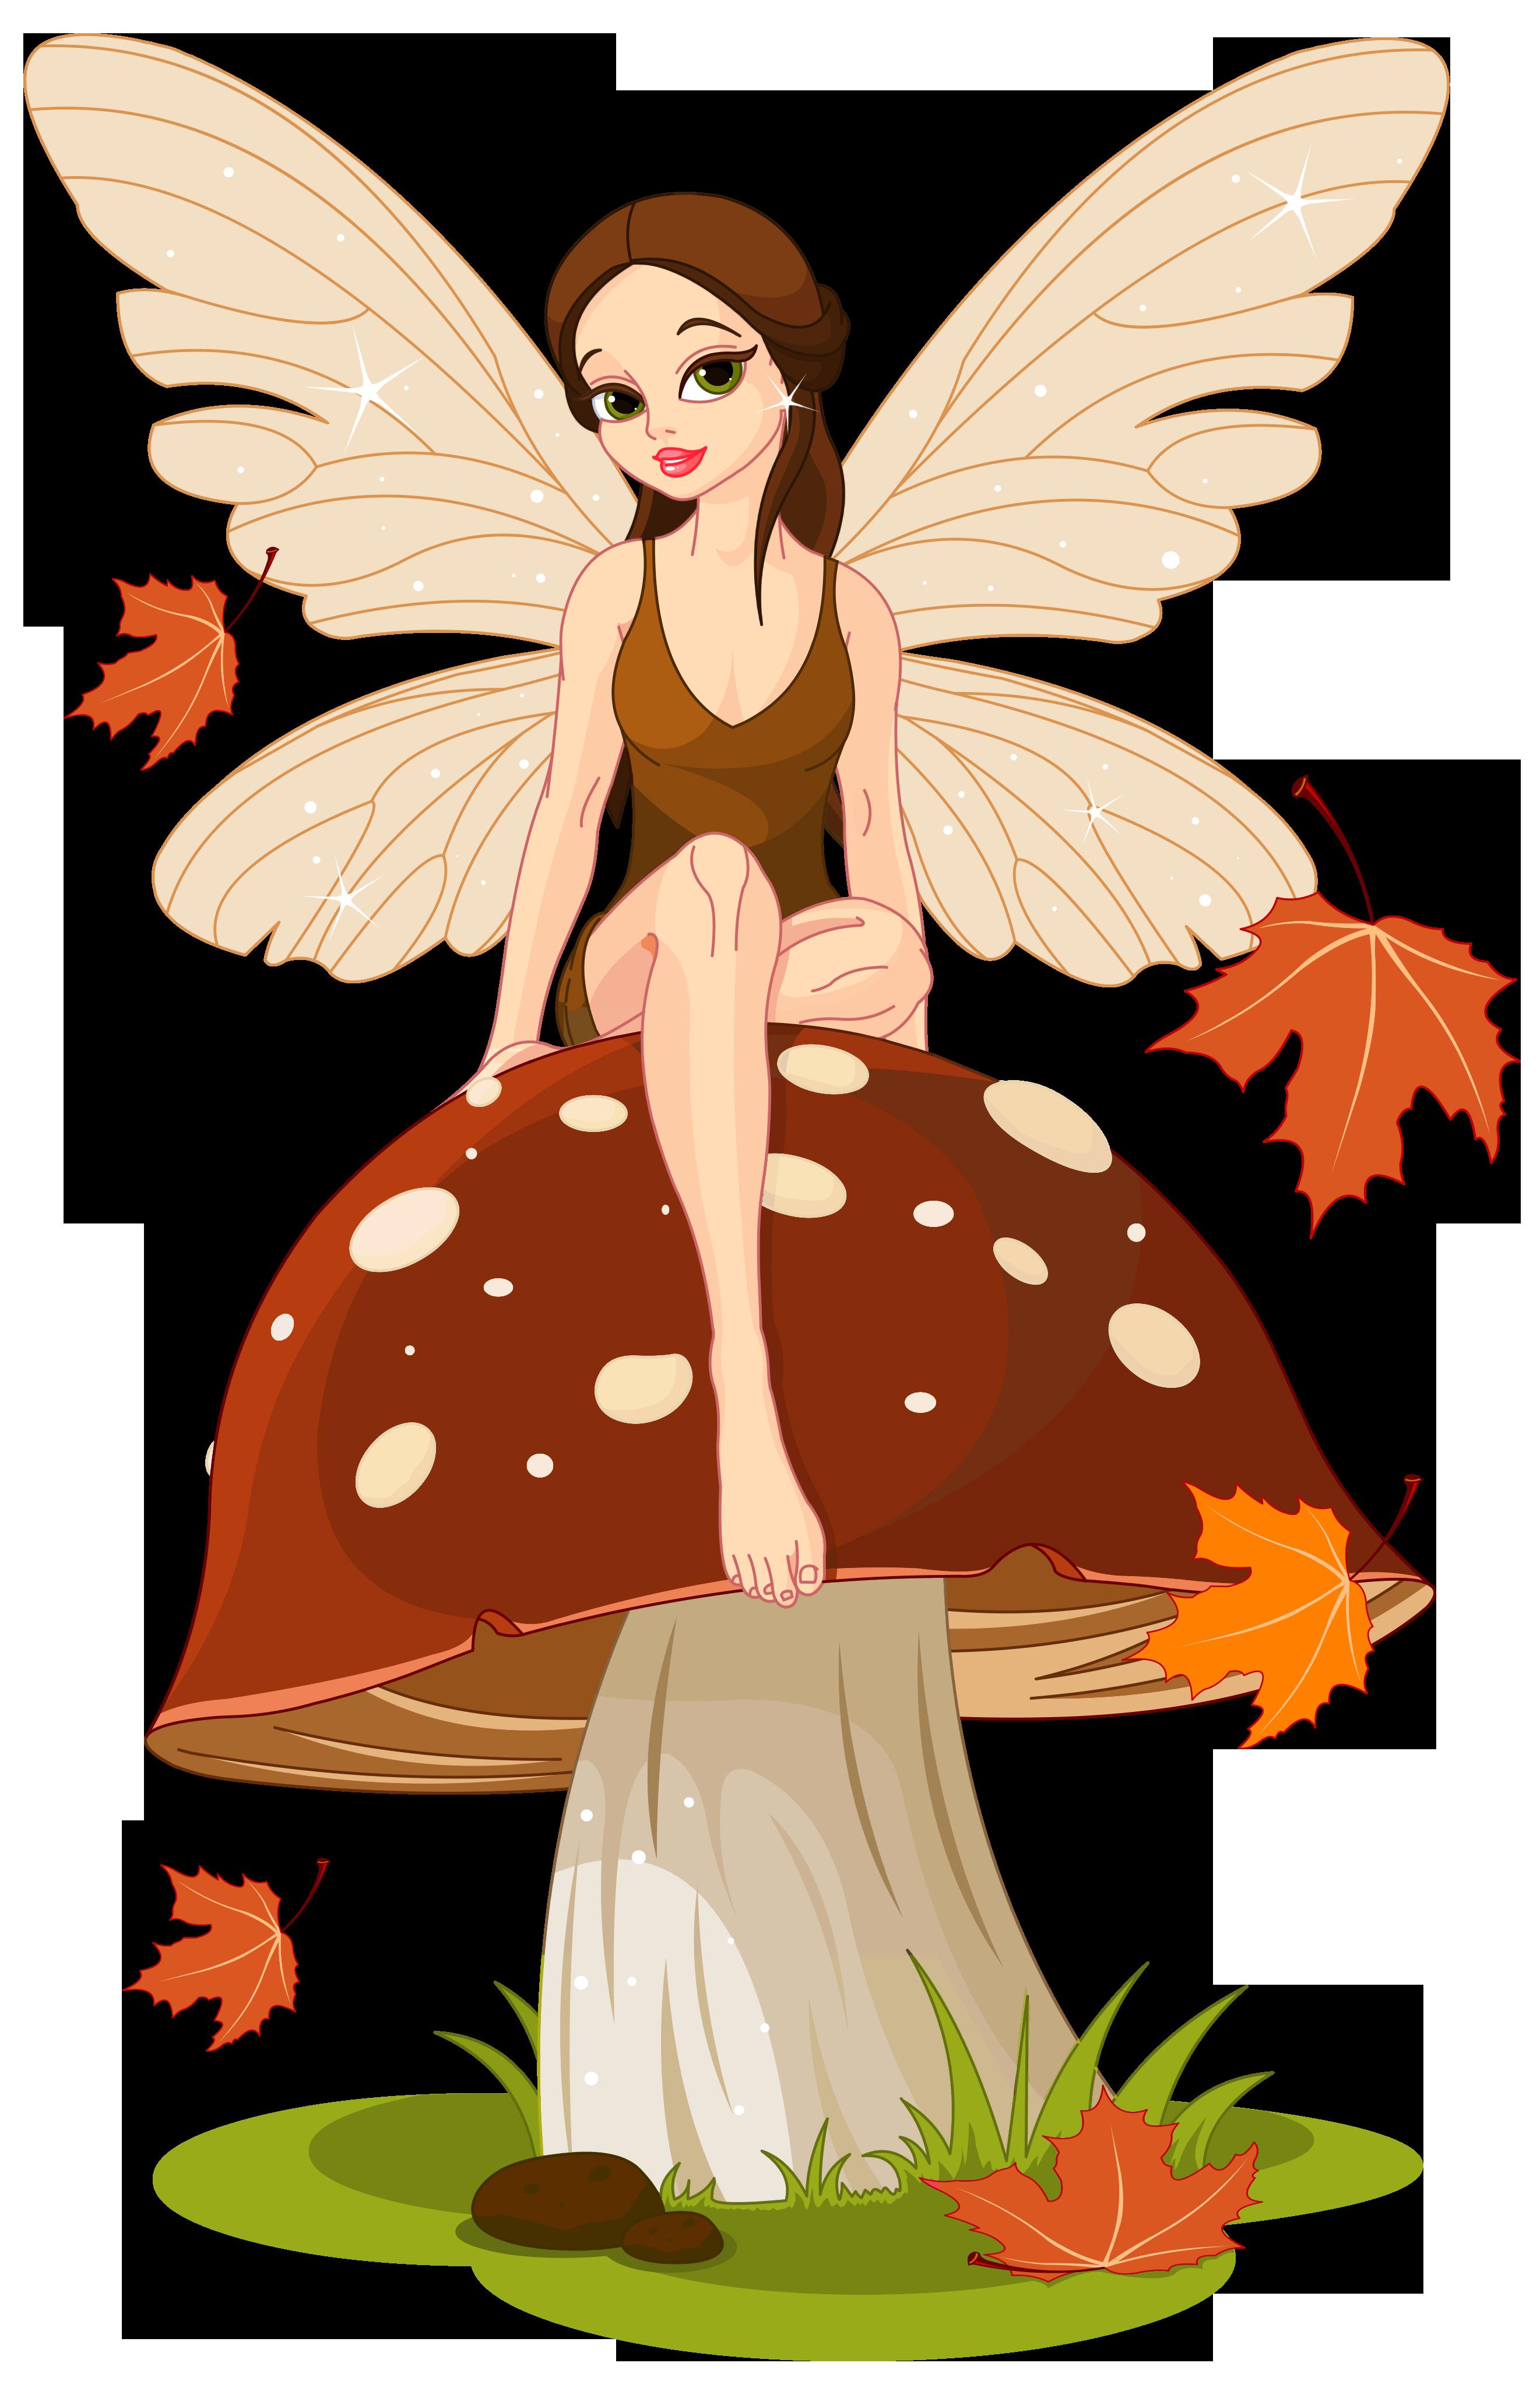 Autumn fairyand mushroom png. Mushrooms clipart mush